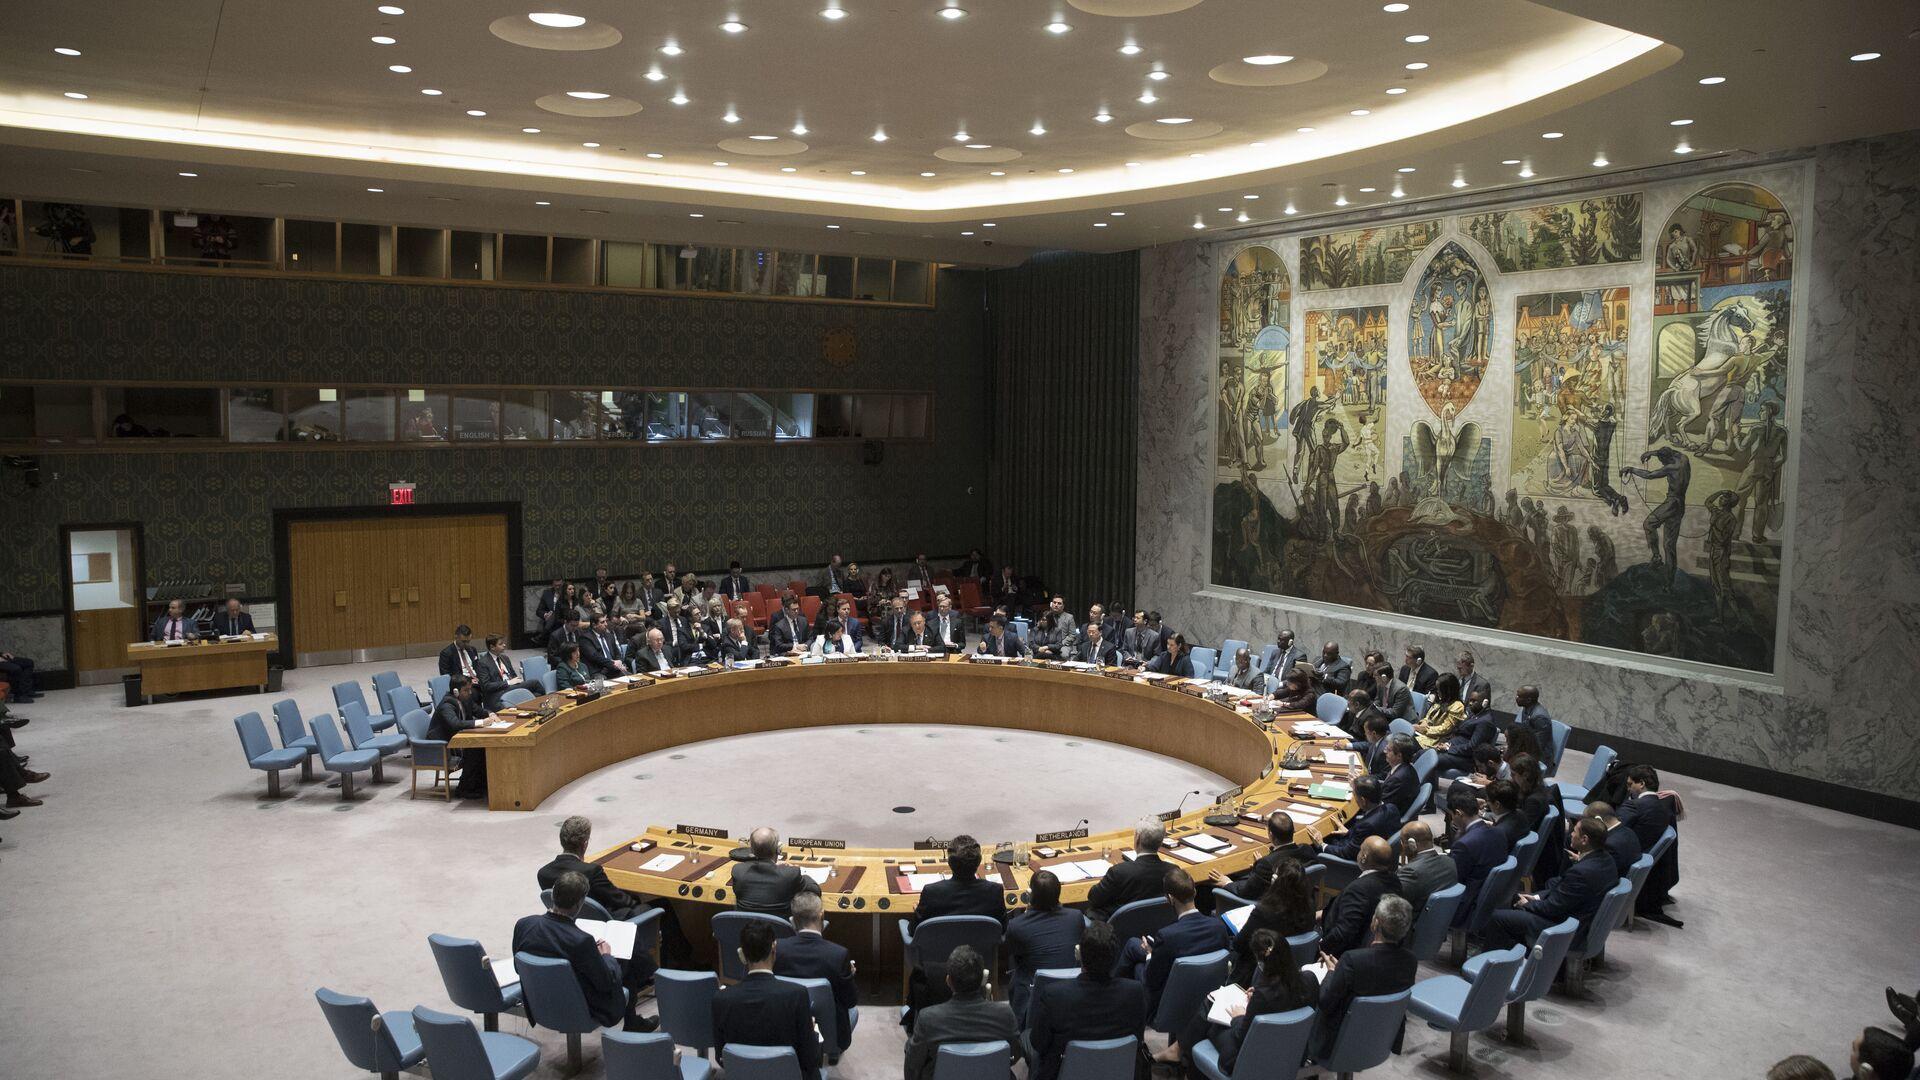 Consejo de Seguridad de la ONU (archivo) - Sputnik Mundo, 1920, 18.02.2021